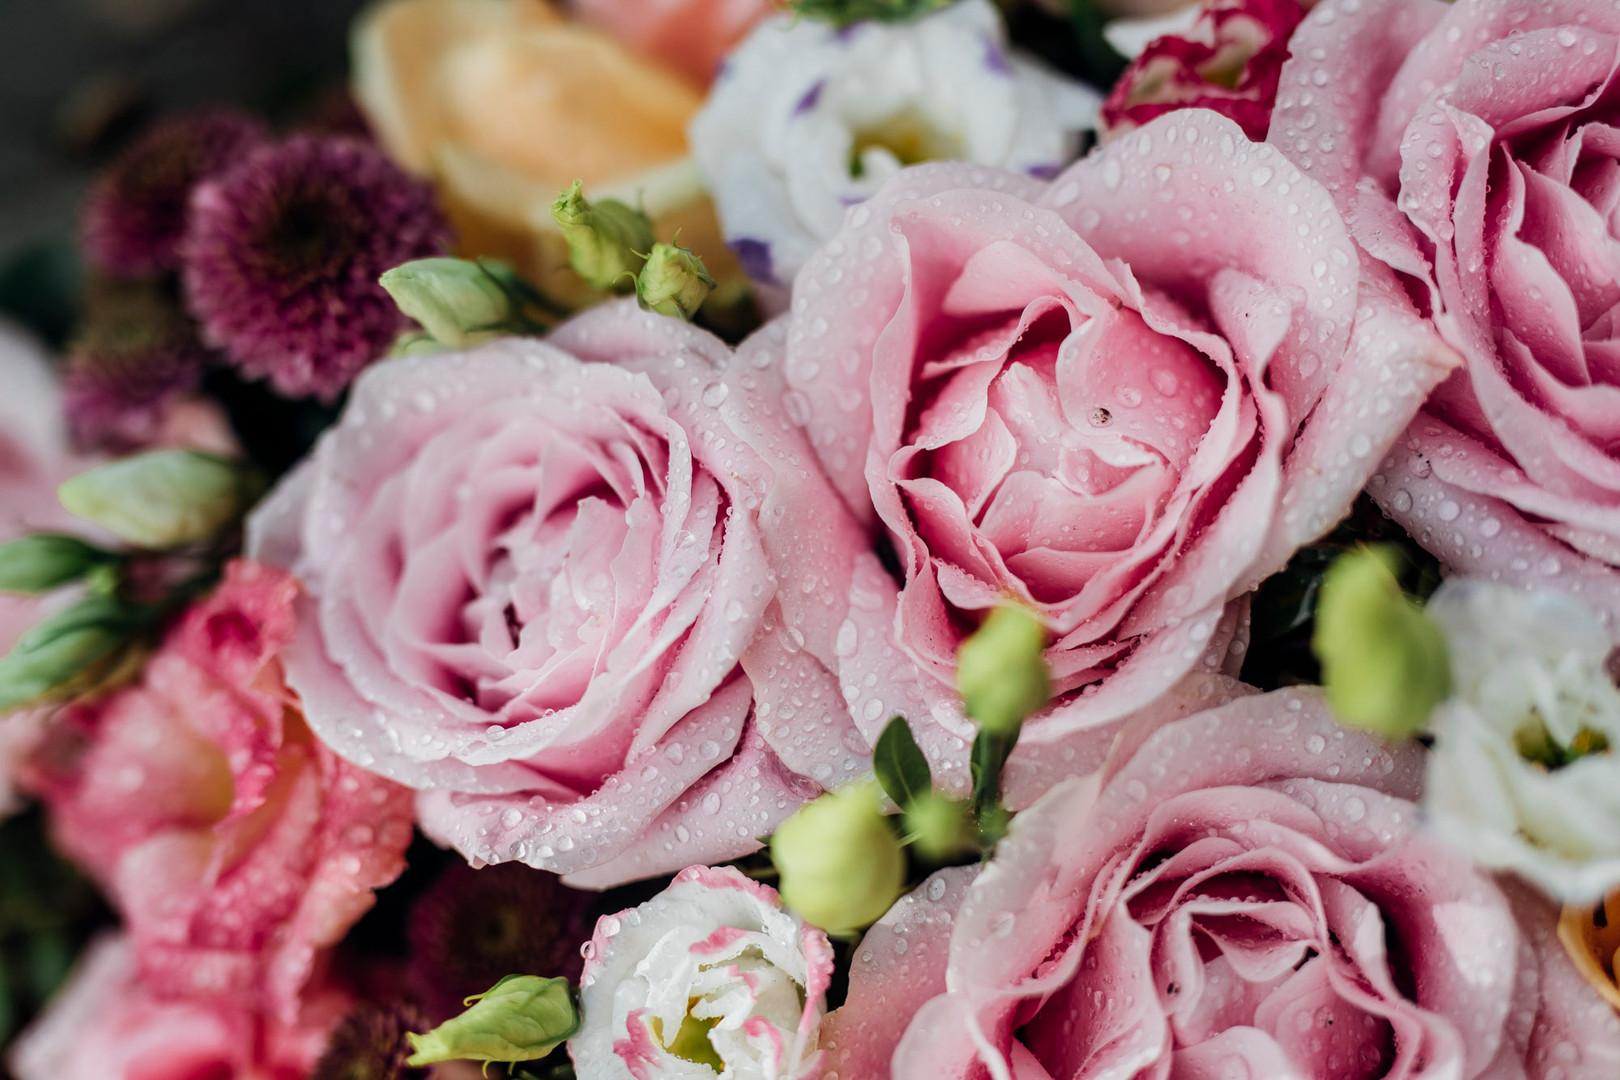 Blumen5-9.jpg